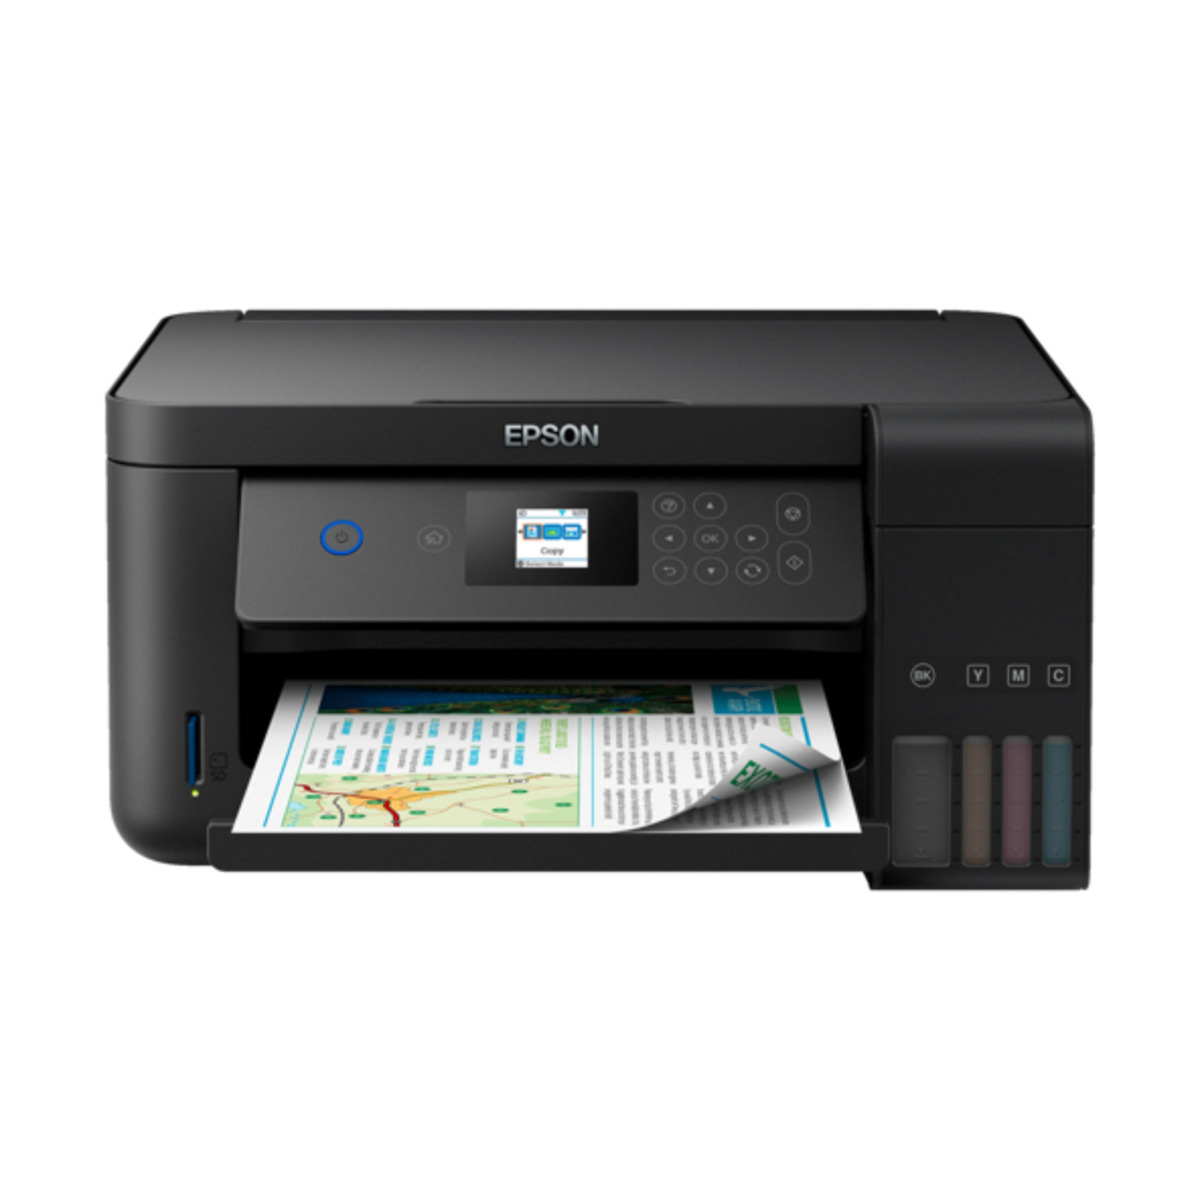 Bild 2 von WLAN-Tintenstrahldrucker, Epson EcoTank ET-2750, schwarz